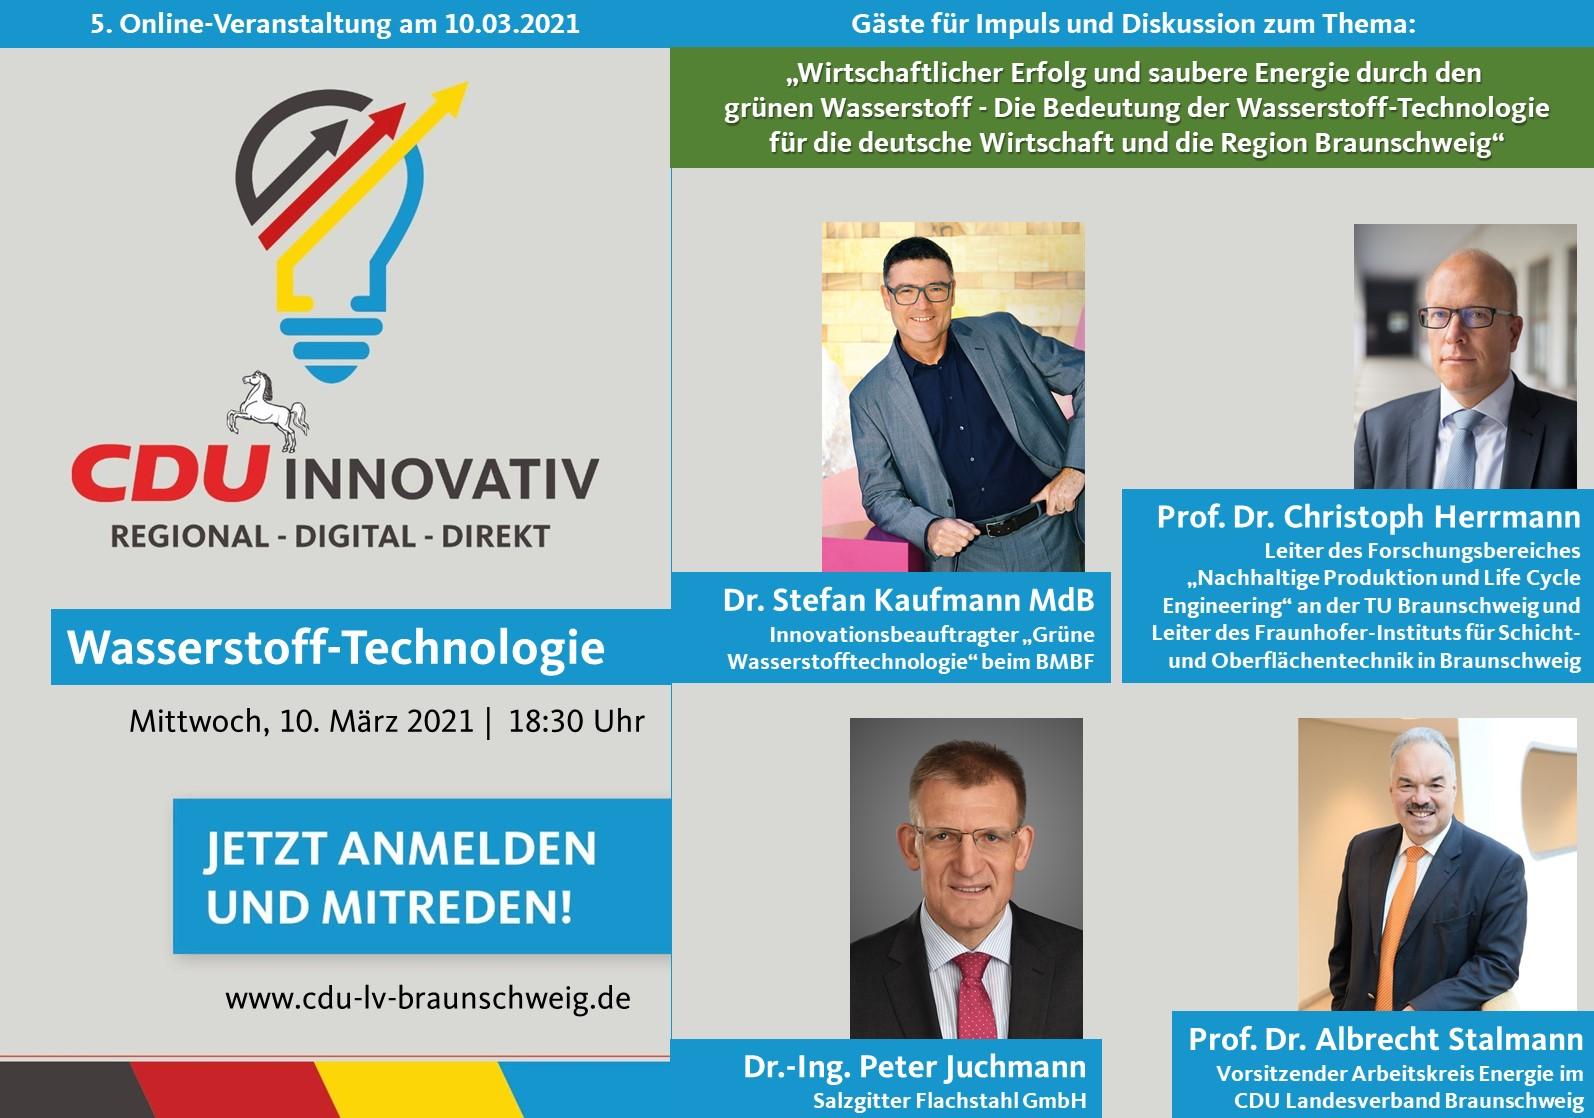 CDU Innovativ am 10.03.2021 zur Wasserstofftechnologie